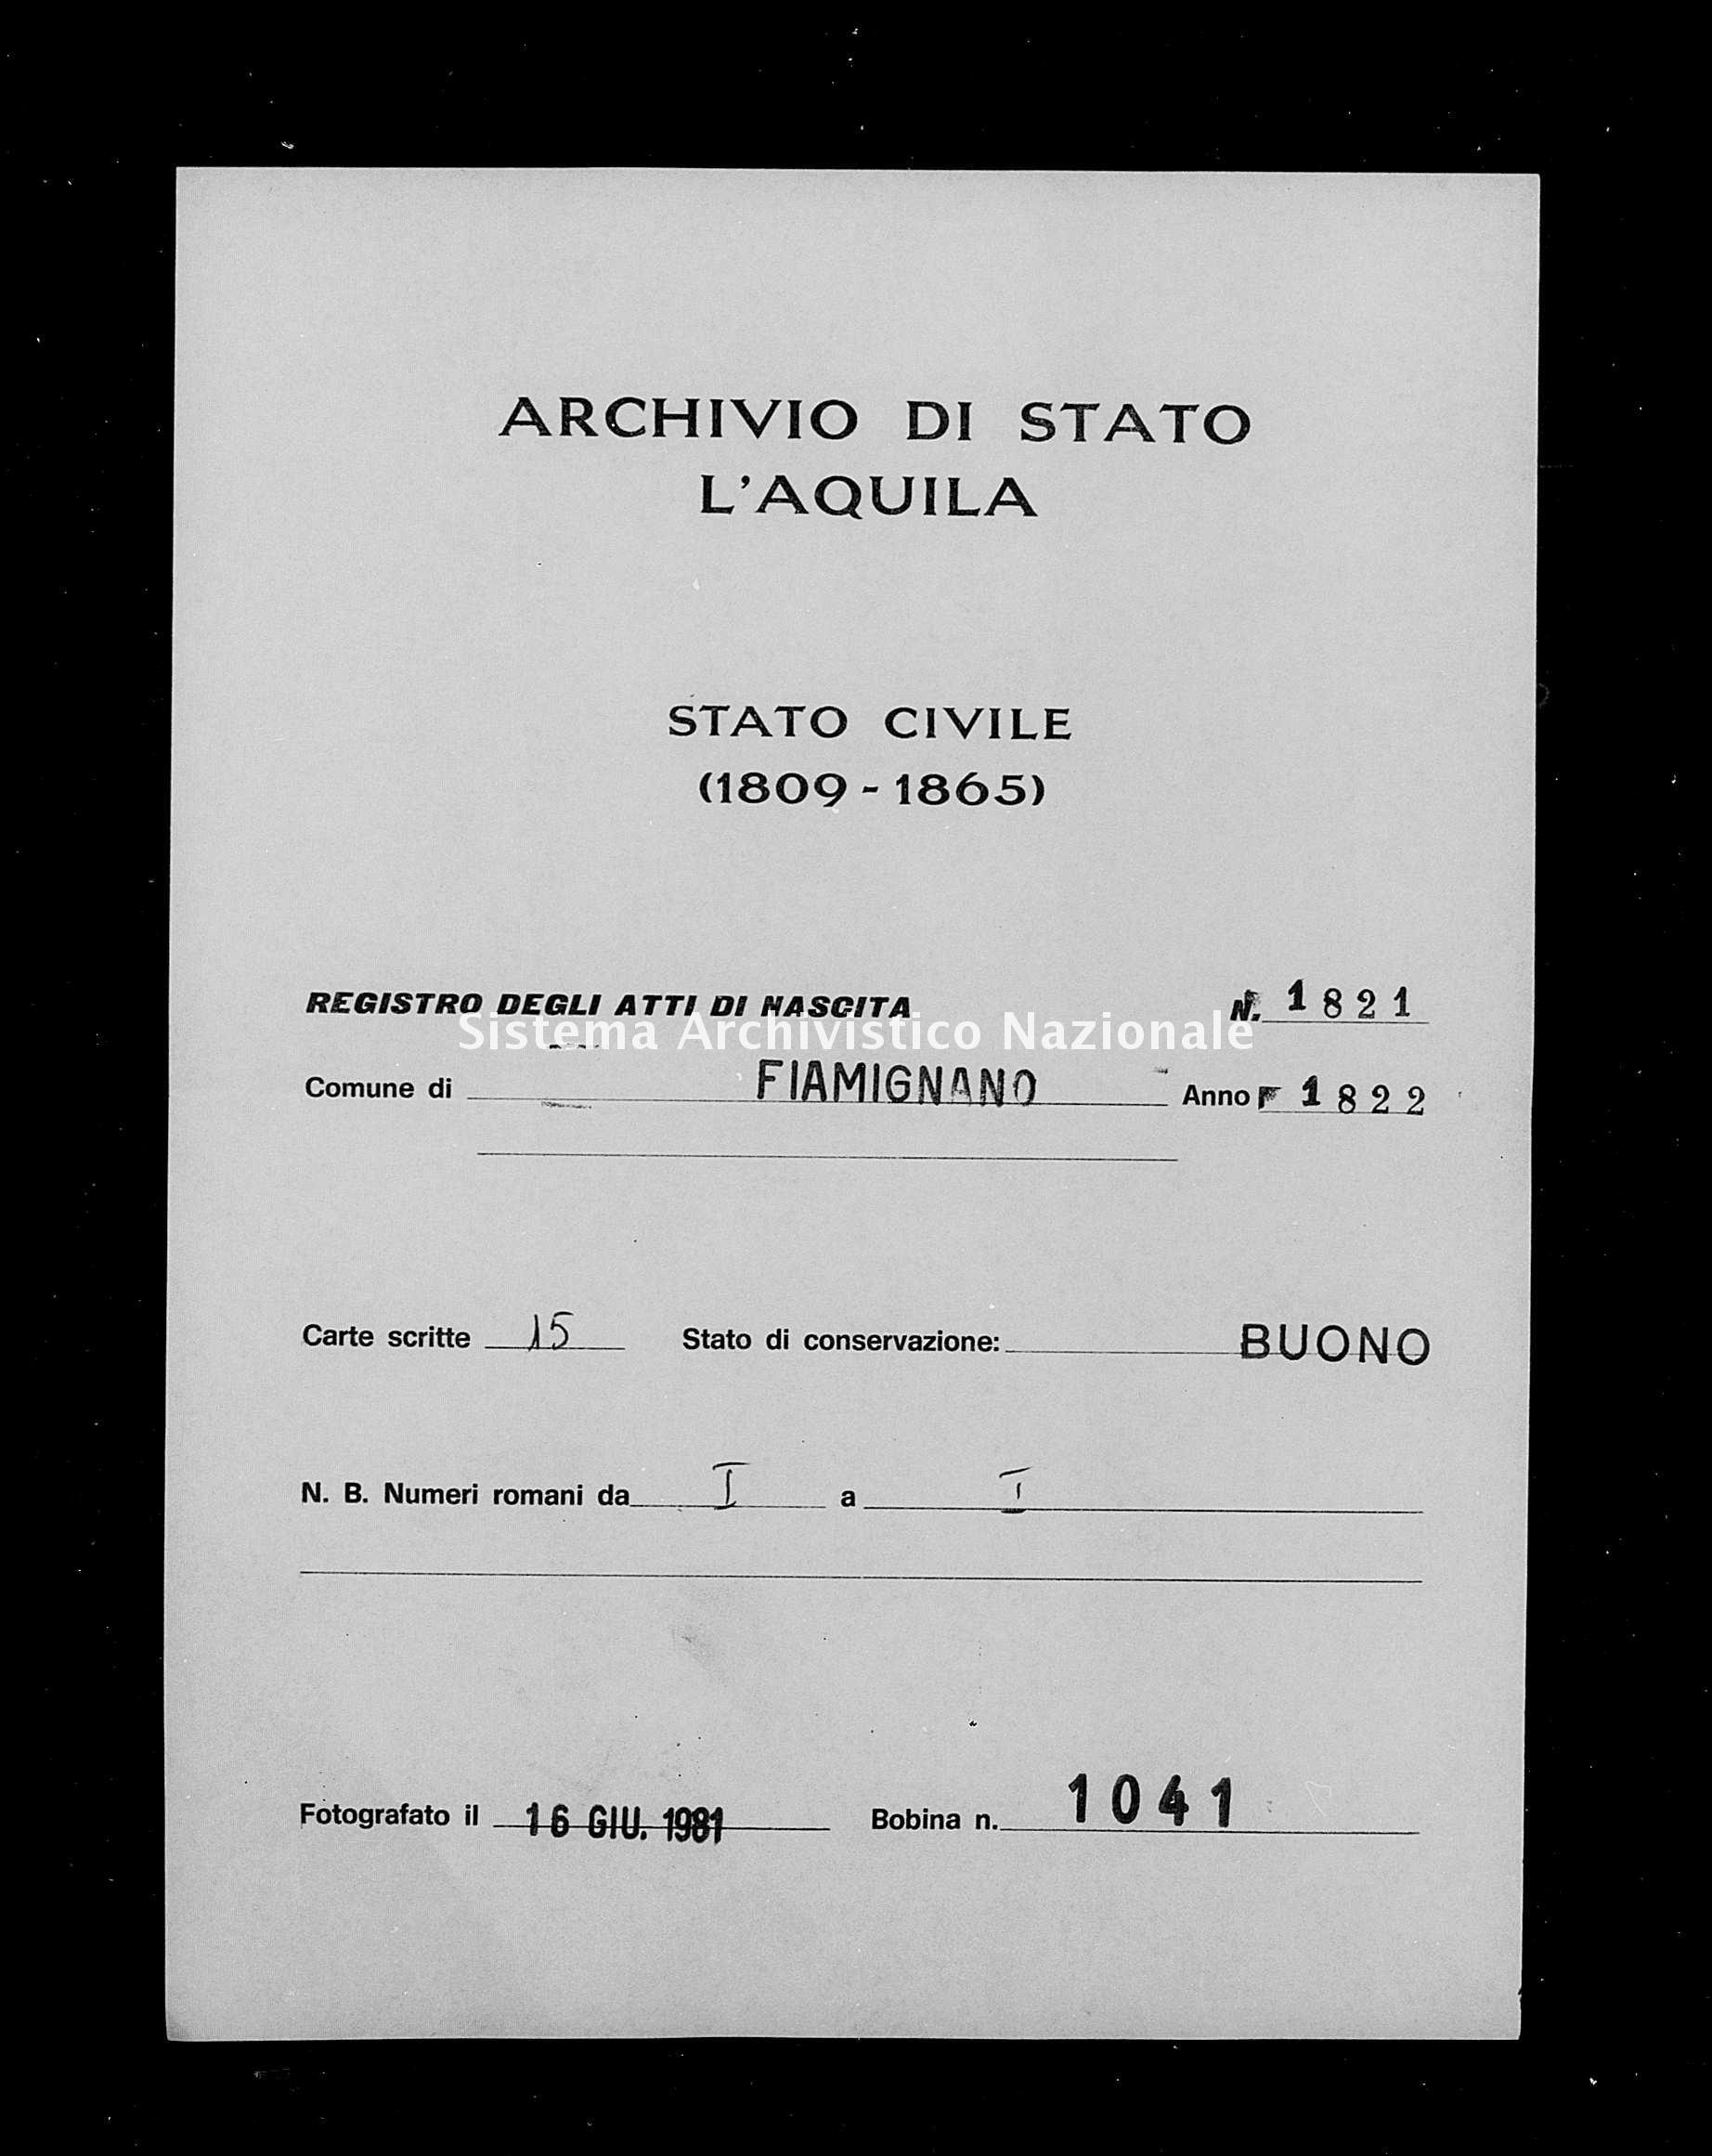 Archivio di stato di L'aquila - Stato civile della restaurazione - Fiamignano - Nati - 1822 - 1821 -